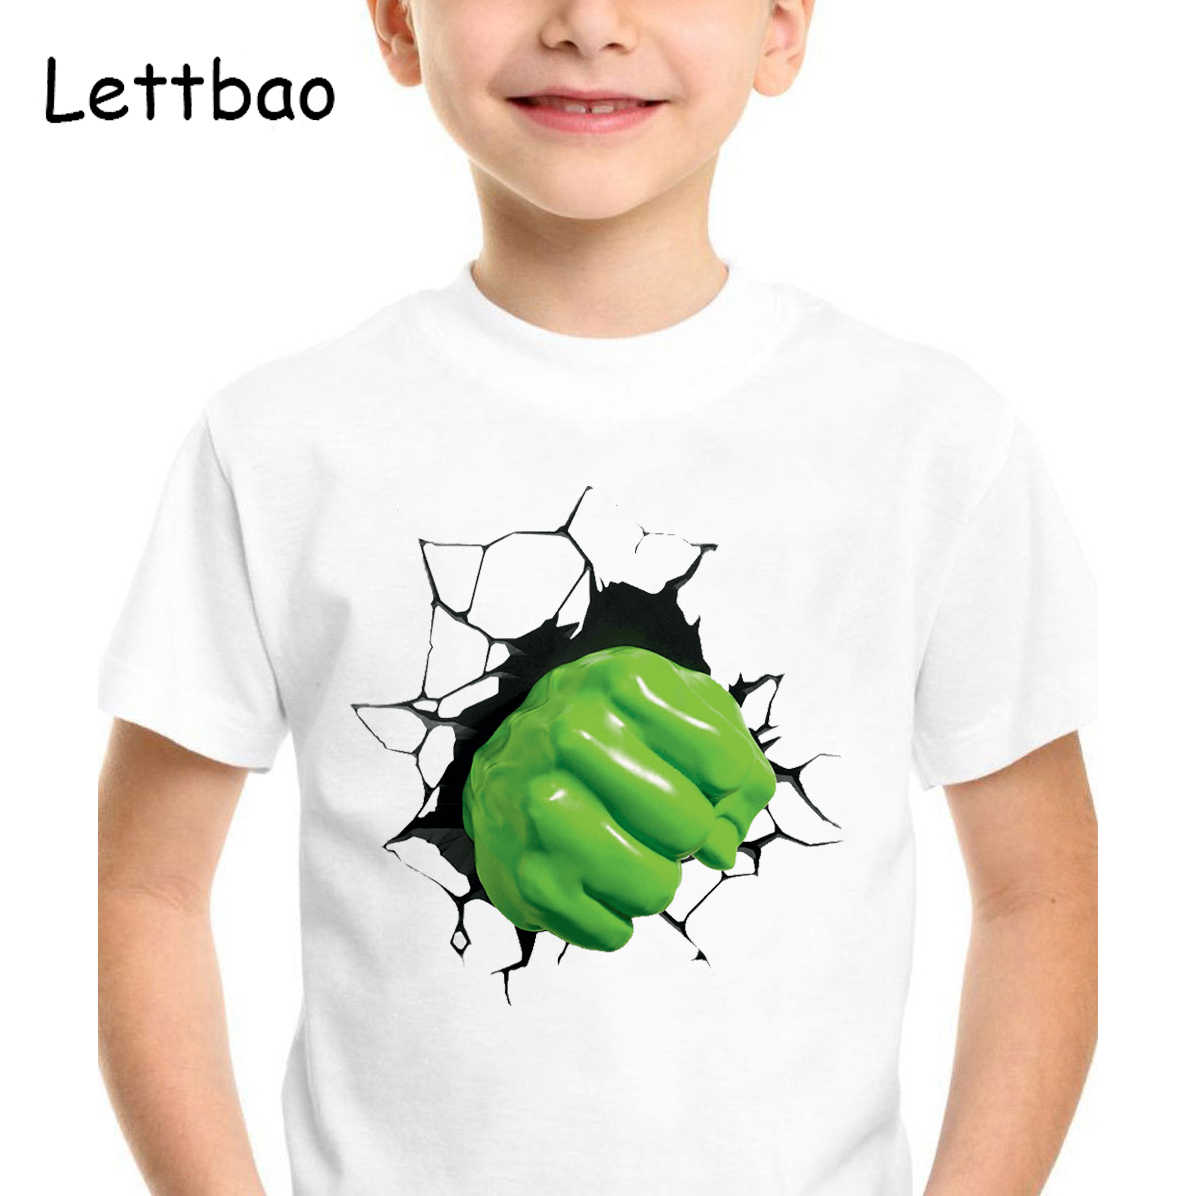 Marvel Superheroe Boys Camiseta niños Camiseta The Hulk estampado 3D camisetas de moda Camiseta de niño niños ropa Camiseta